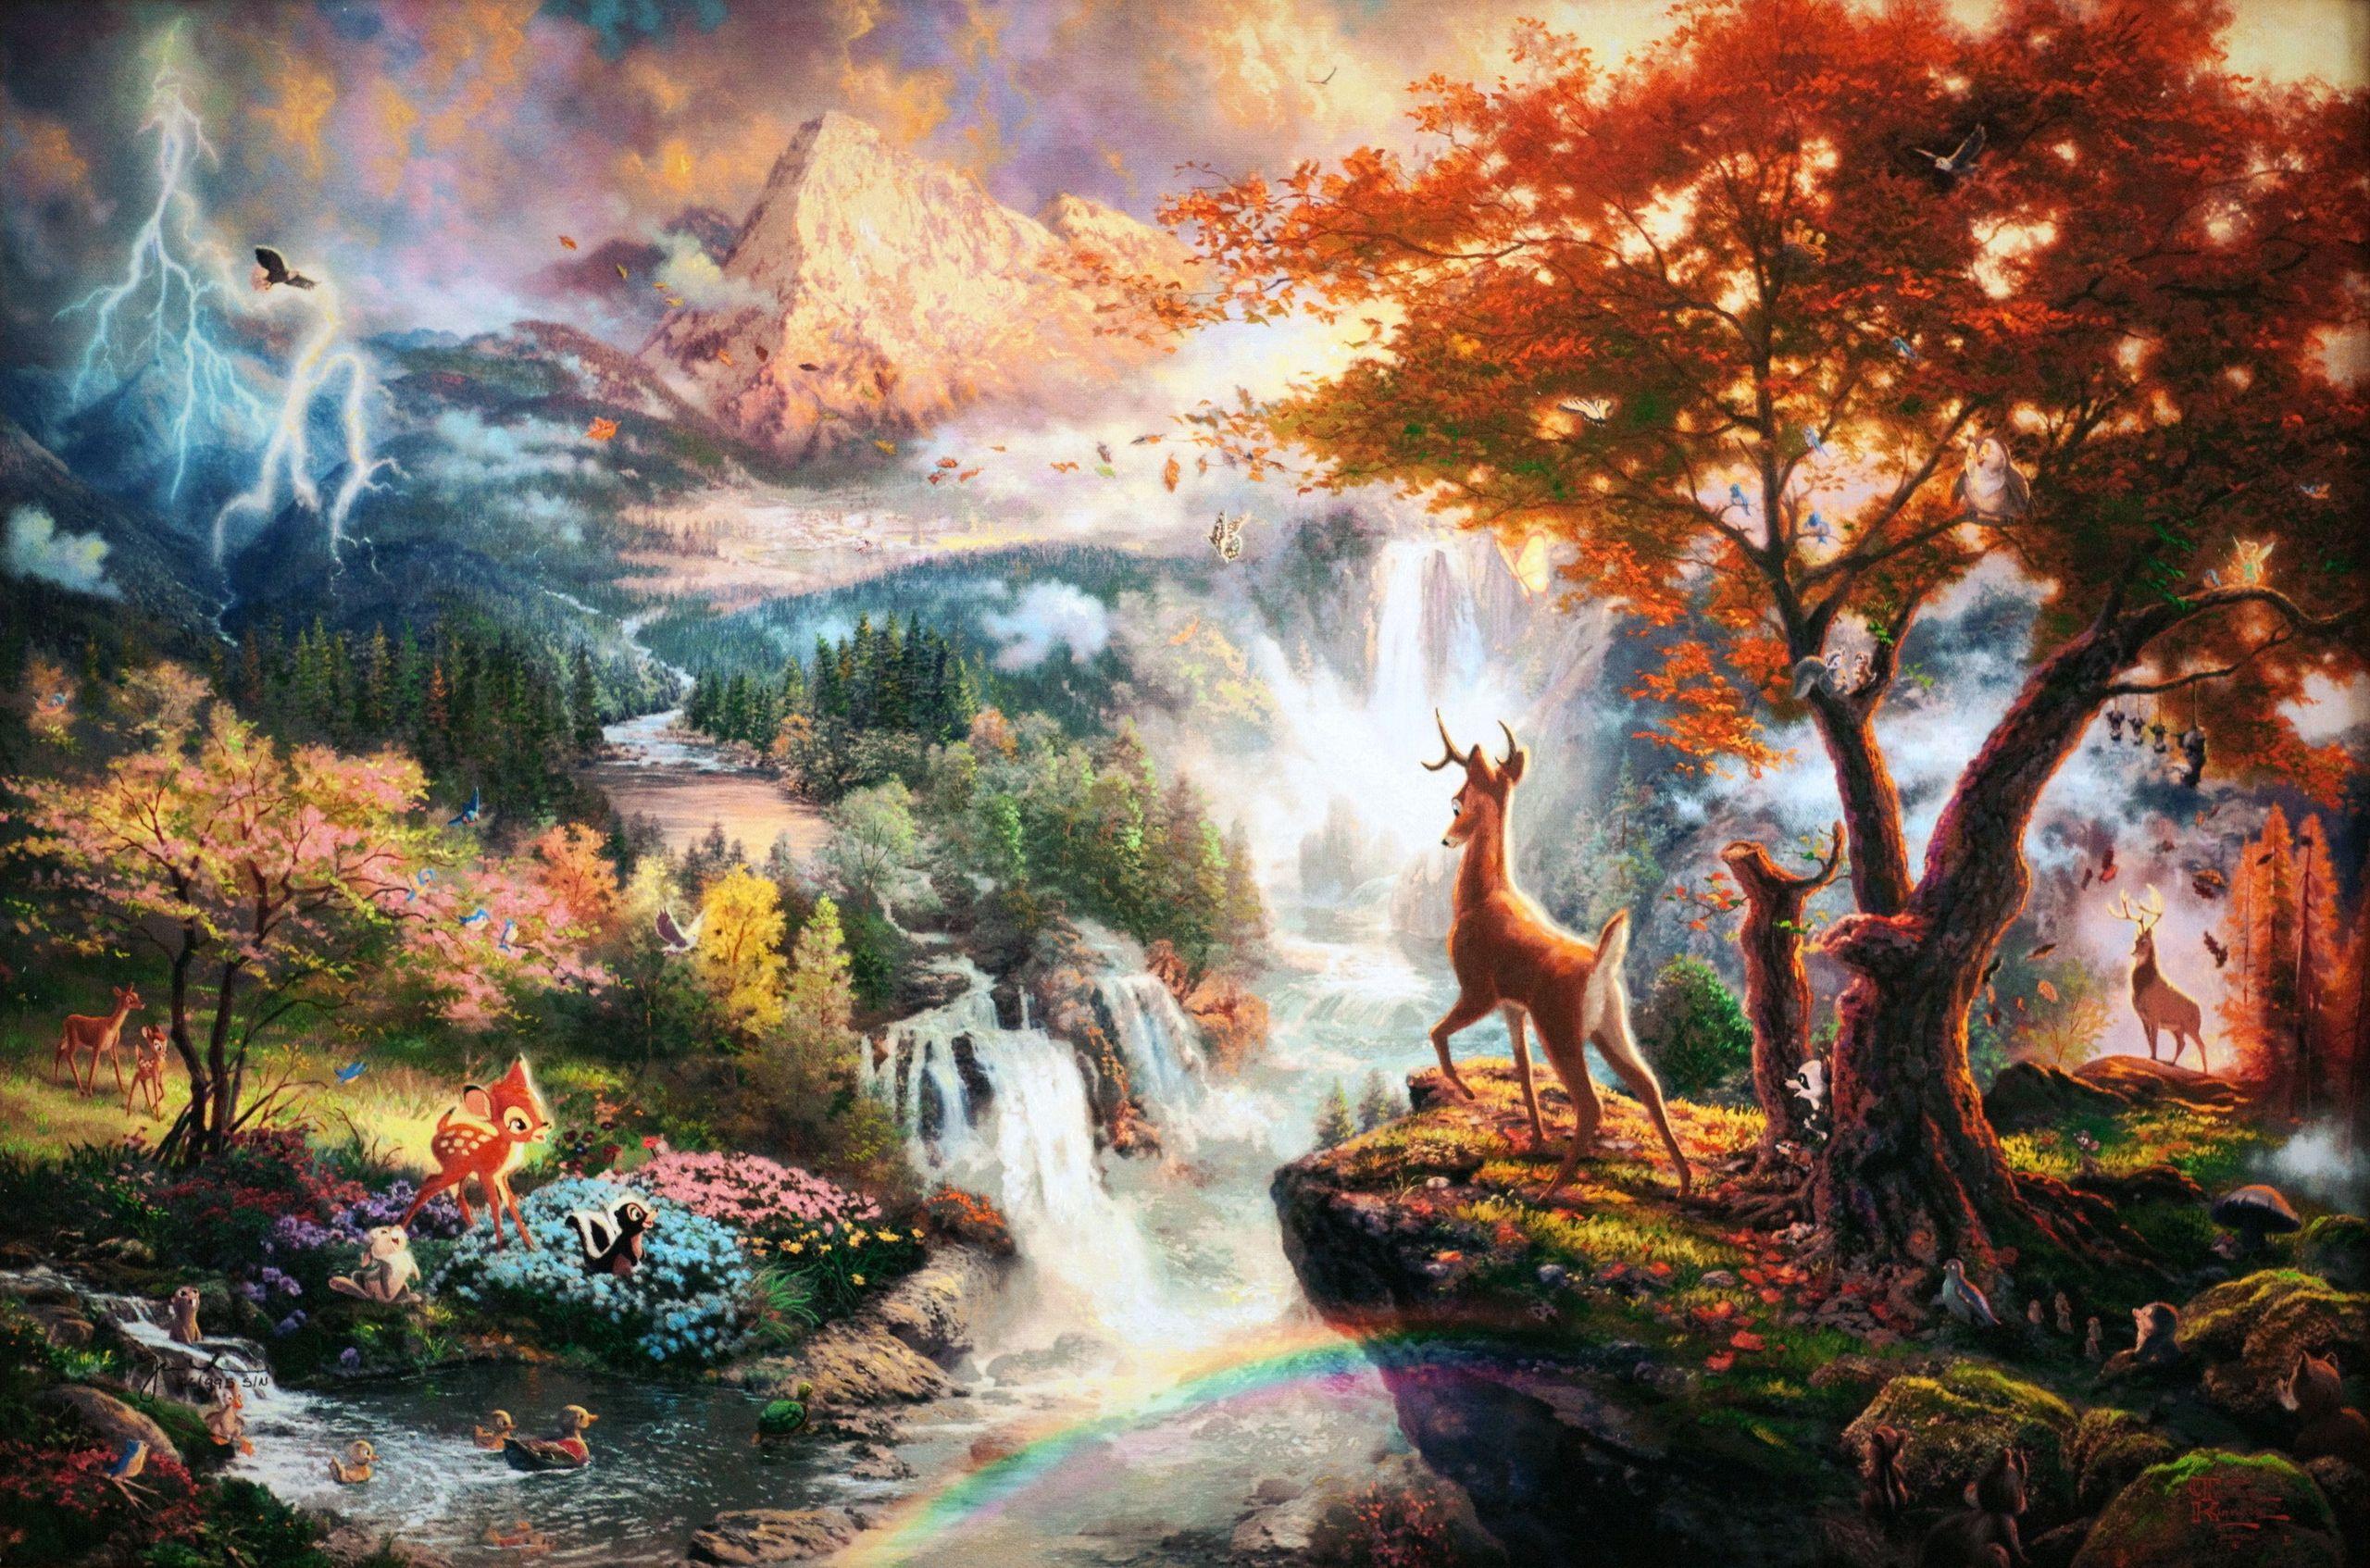 Thomas Kinkade's Disney Paintings - Bambi